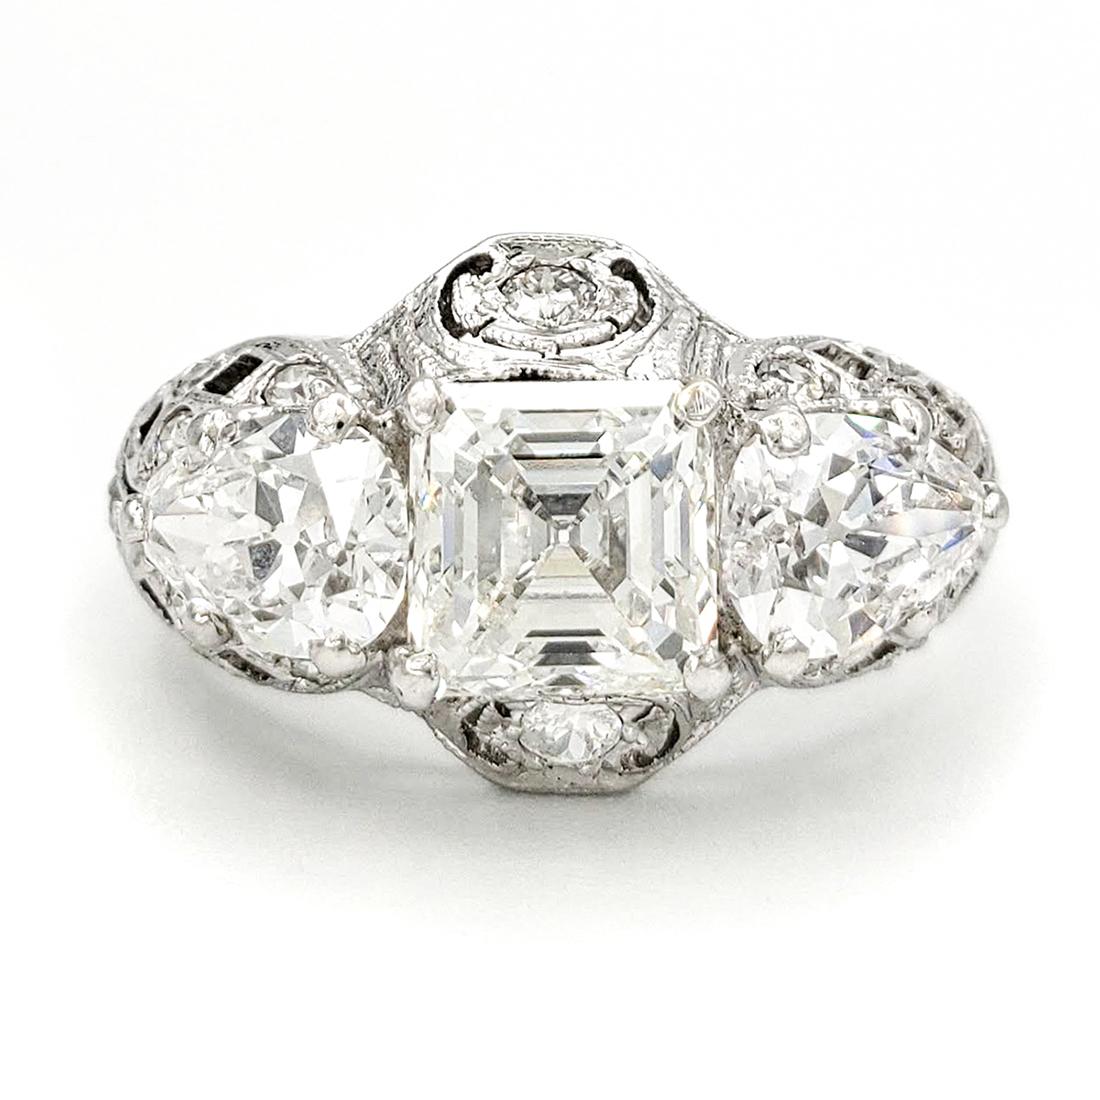 vintage-platinum-engagement-ring-with-1-27-carat-asscher-cut-diamond-egl-h-vs2